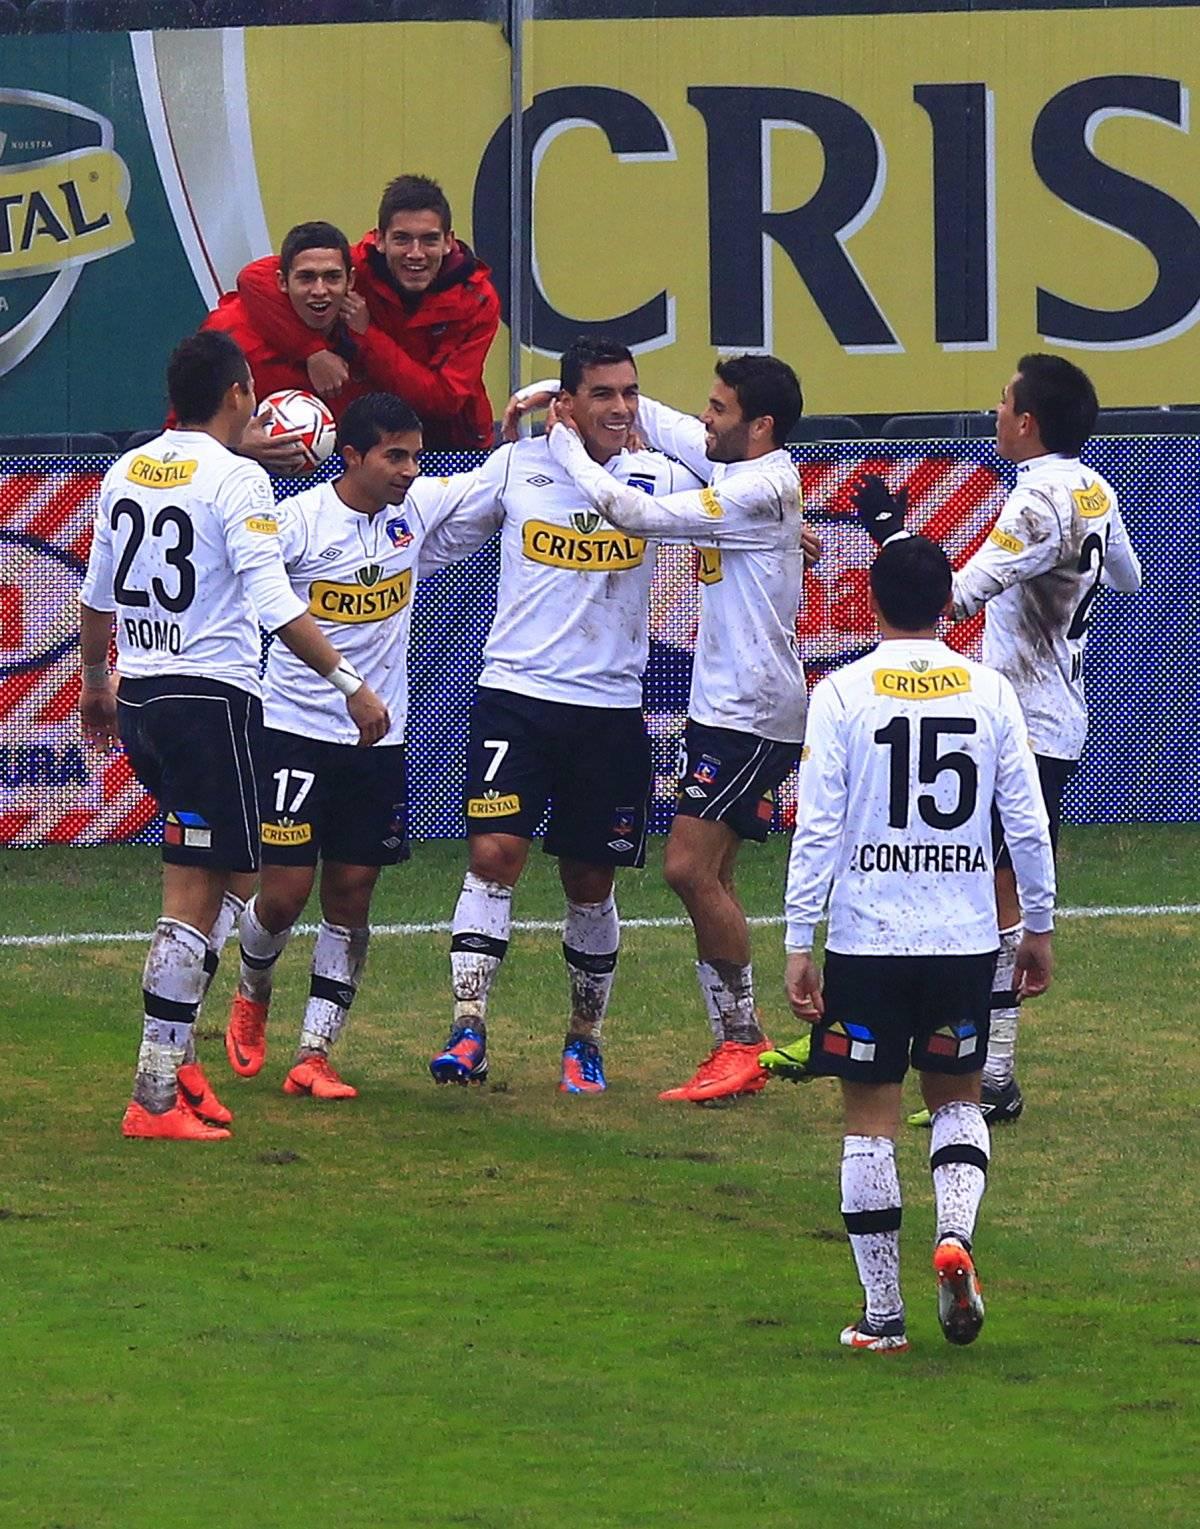 Apertura 2012 - semifinal